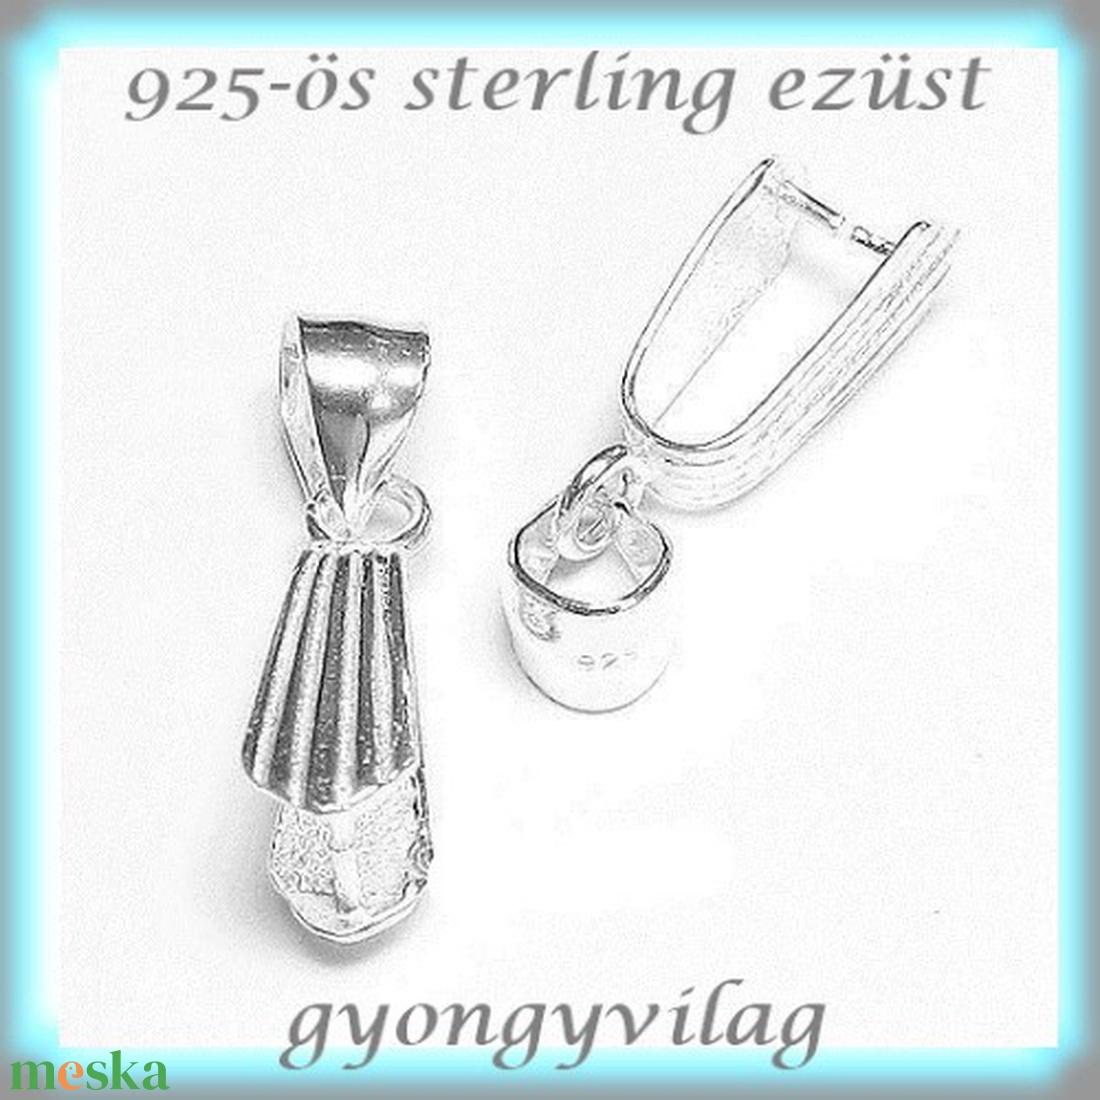 925-ös ezüst medálkapocs EMK 35 - gyöngy, ékszerkellék - swarovski kristályok - Meska.hu